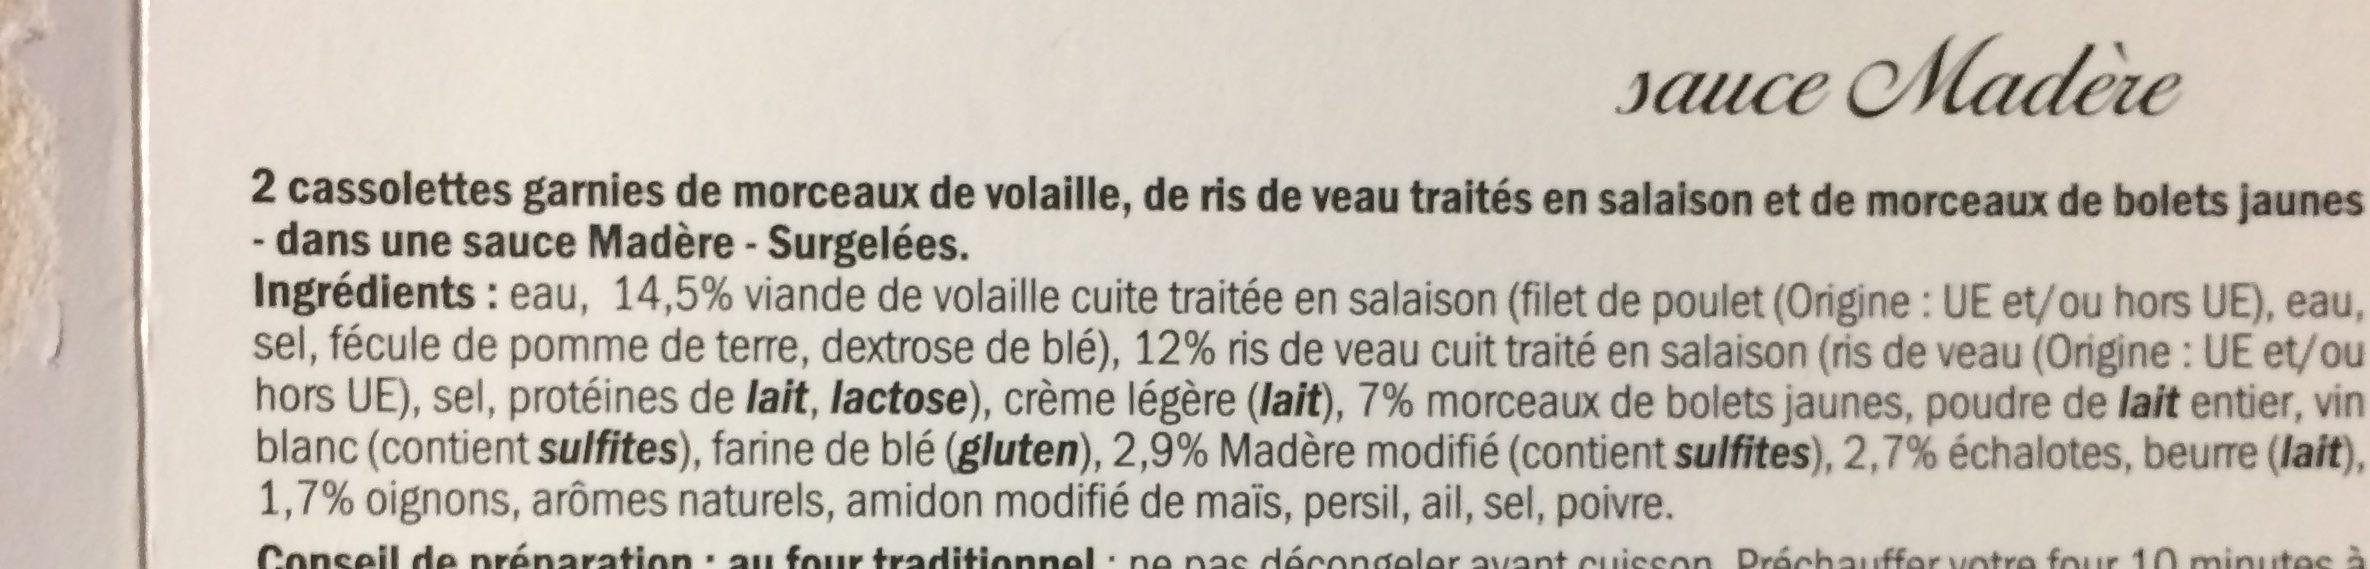 Cassolettes de volaille, ris de veau et bolets - Ingrediënten - fr